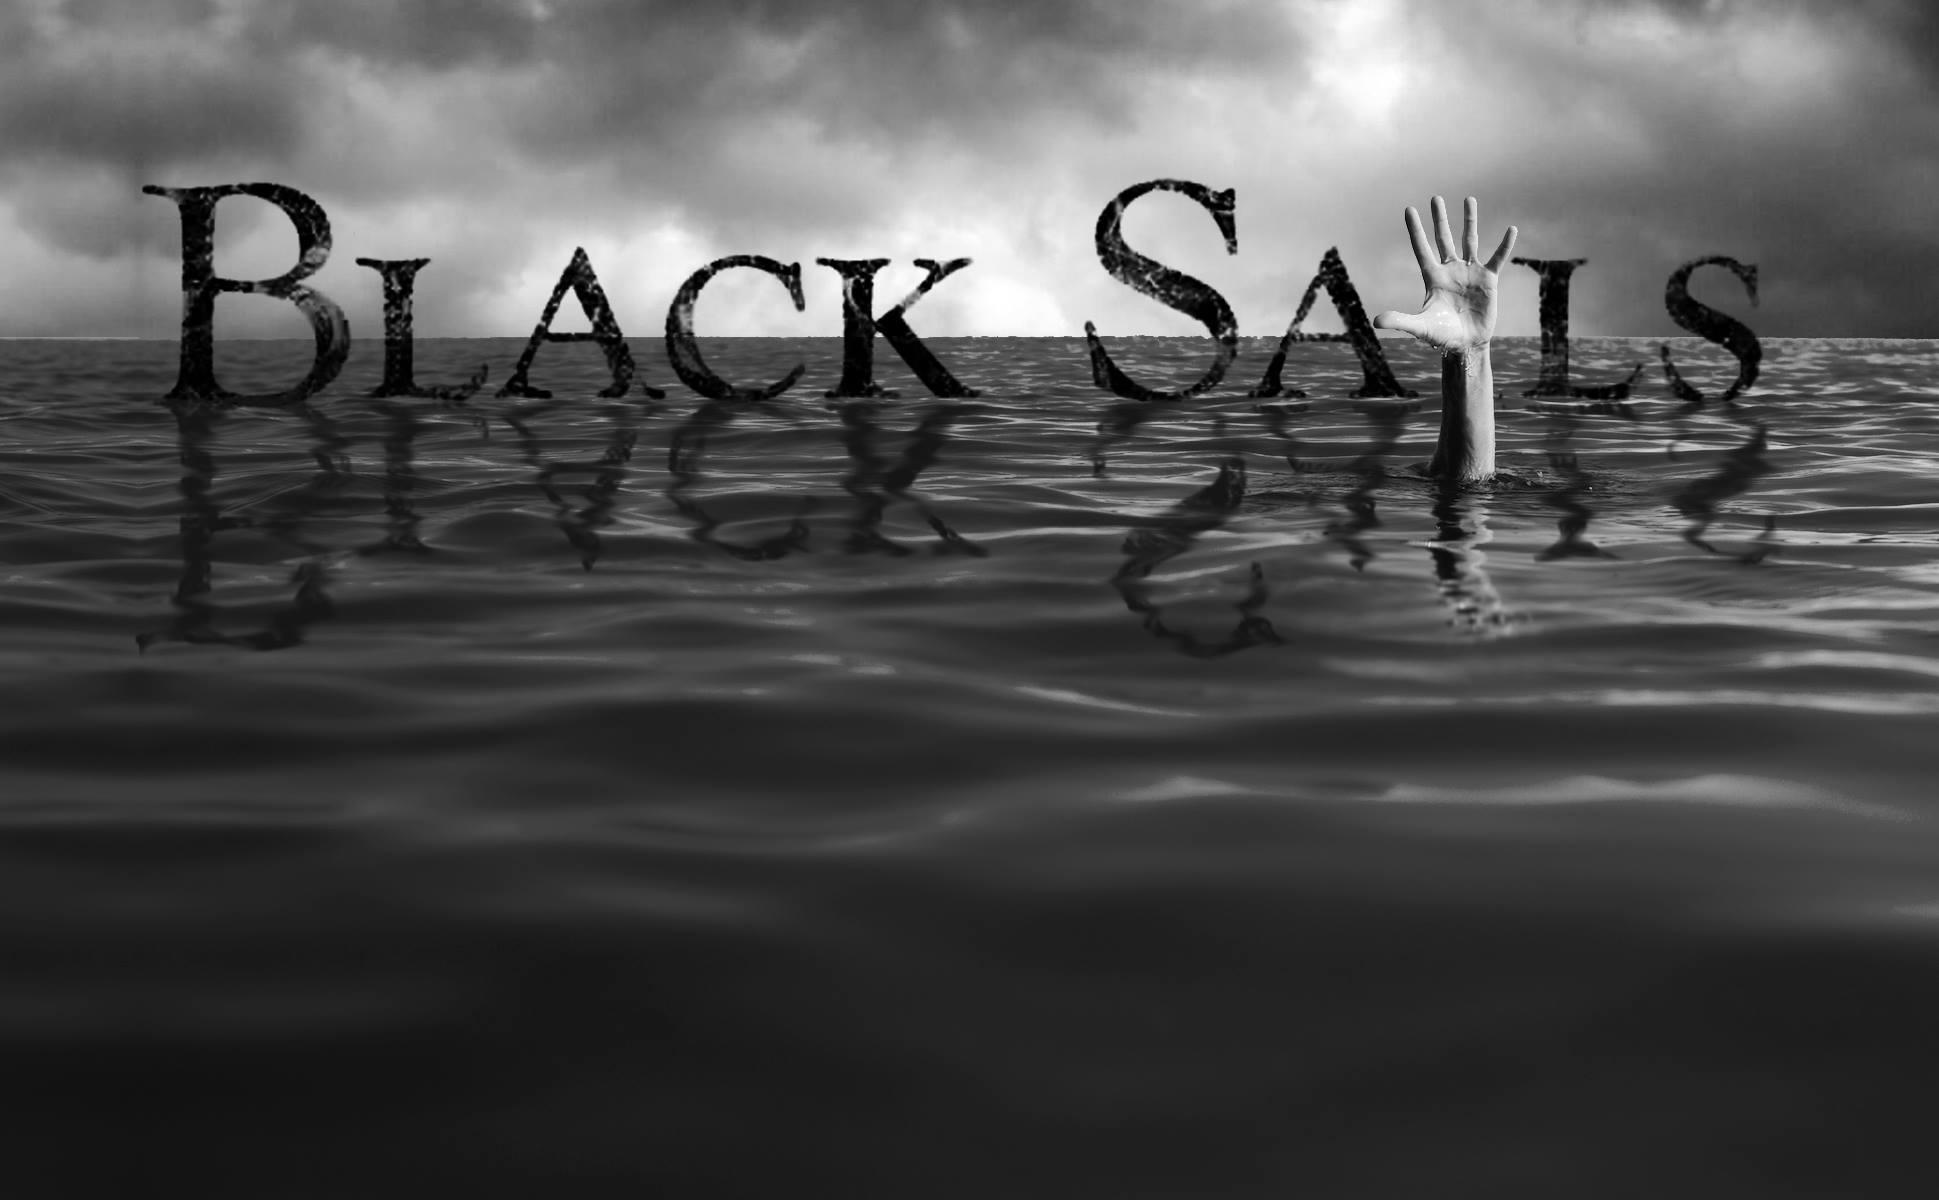 Black Sails wallpaper 1939x1200